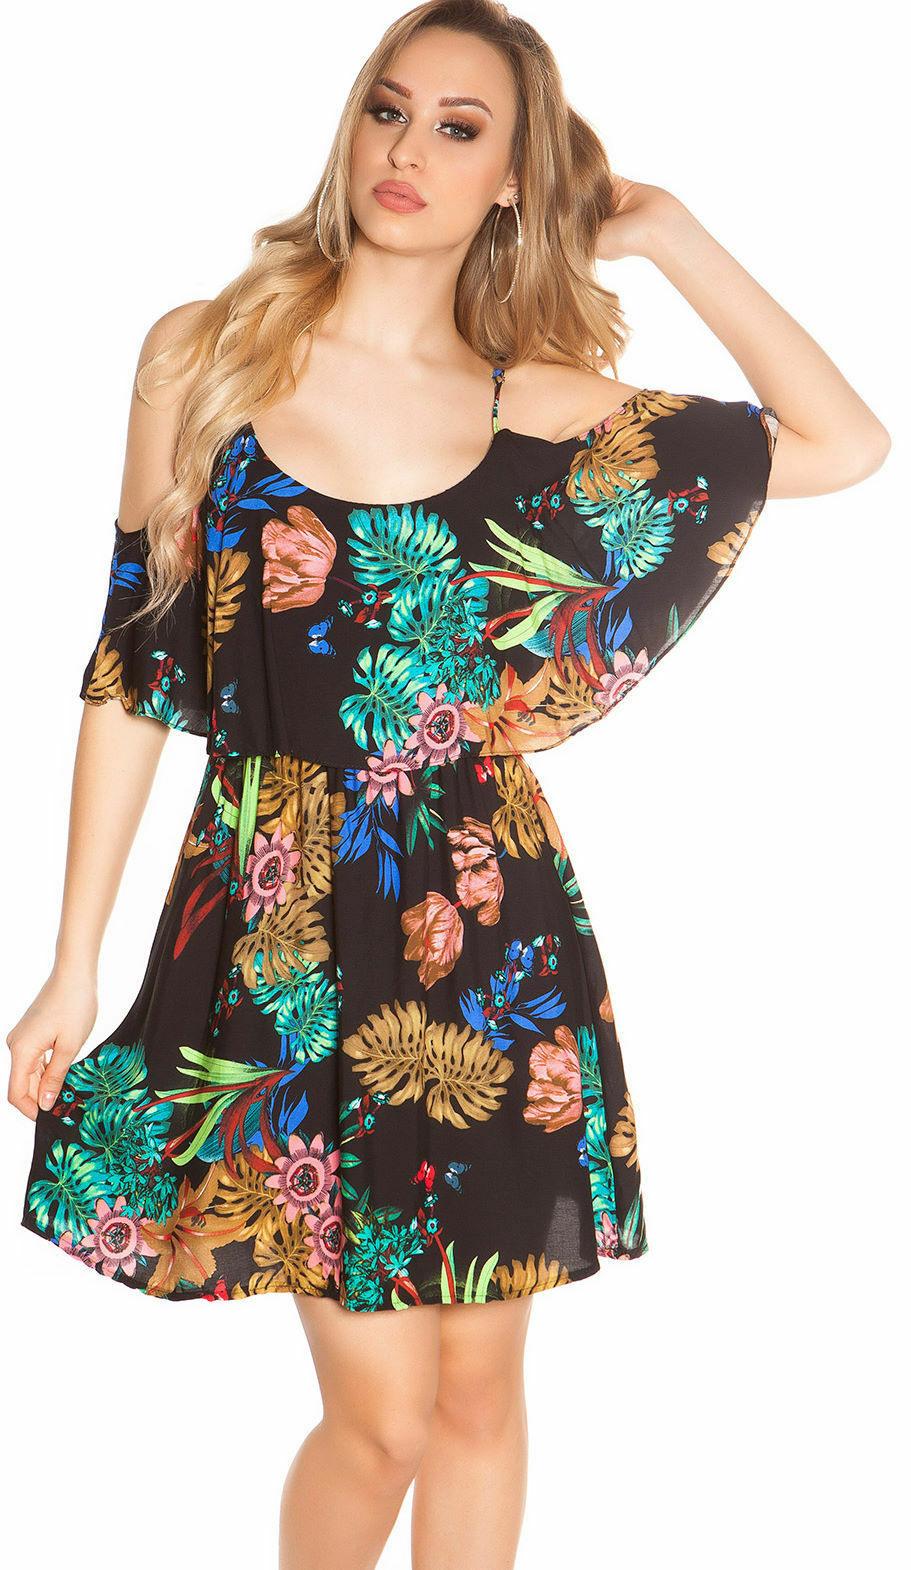 Blumenkleid Minikleid Sommer Schulterfrei Carmen Volant